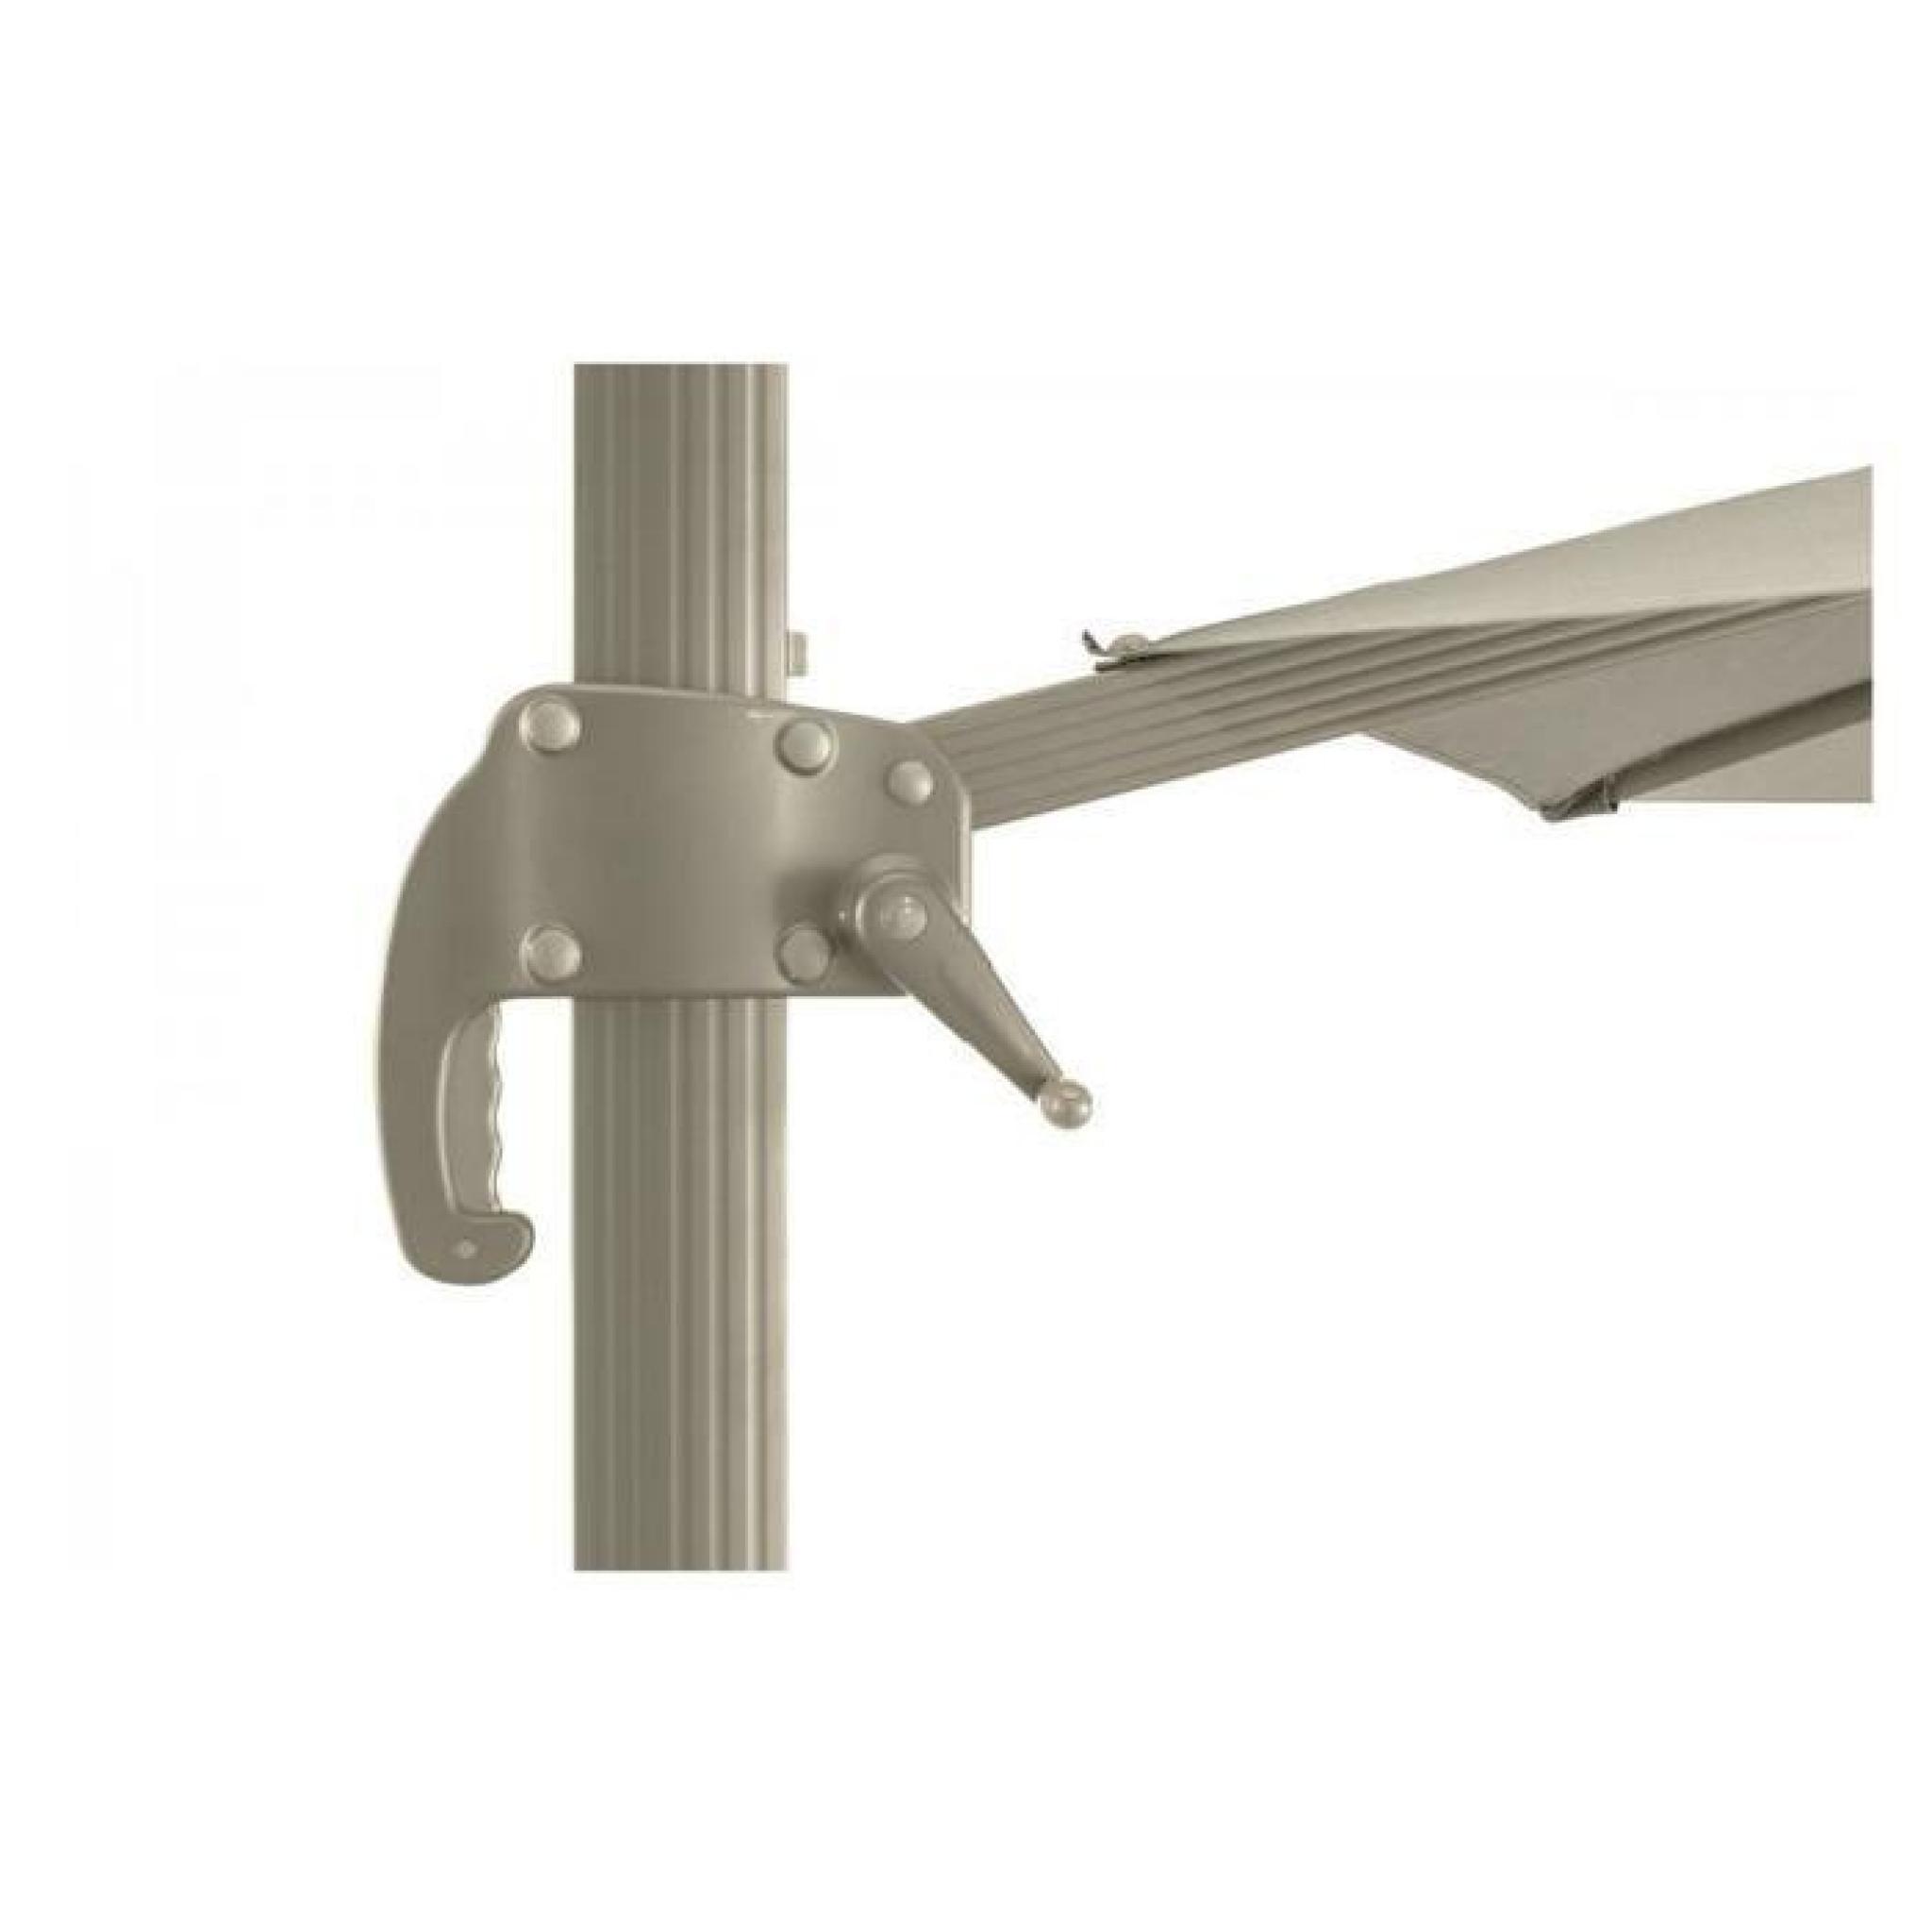 parasol decentre fresno 3x4m taupe hesperide achat vente parasol rectangulaire pas cher. Black Bedroom Furniture Sets. Home Design Ideas